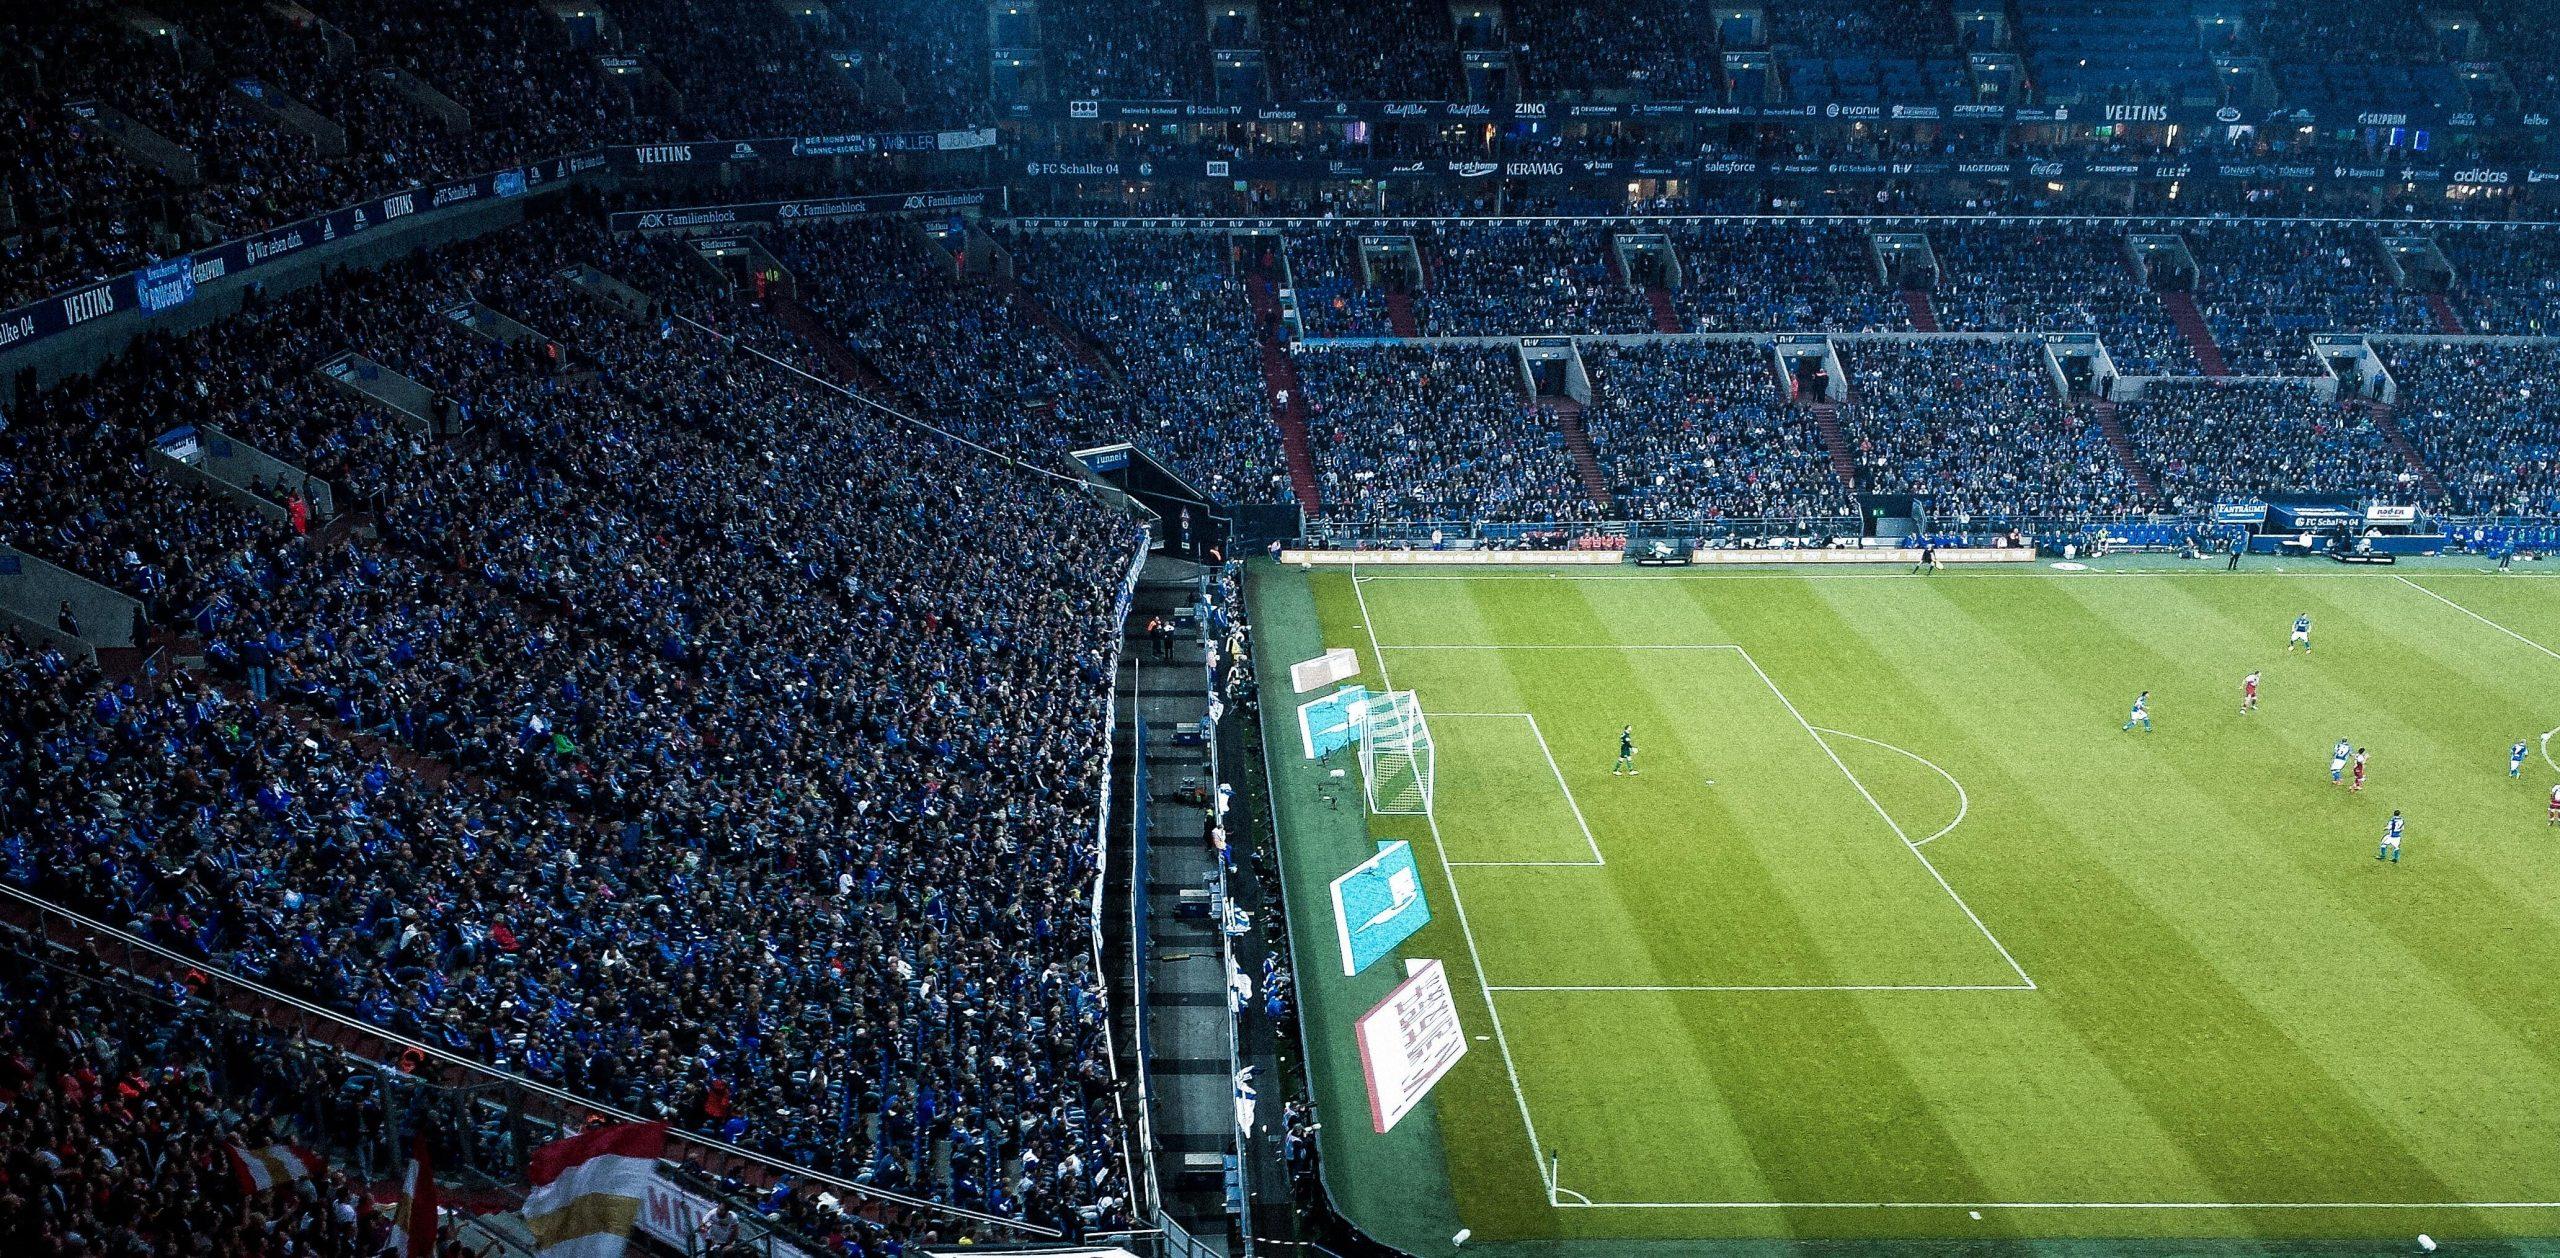 Kæmpekamp om førstepladsen på Old Trafford